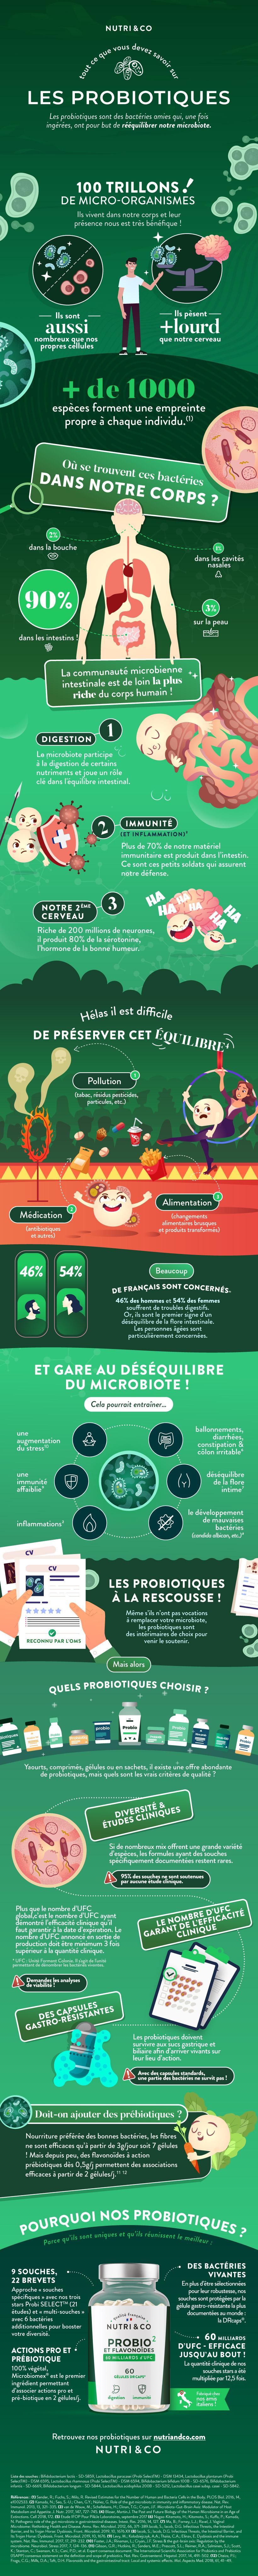 infographie probiotique